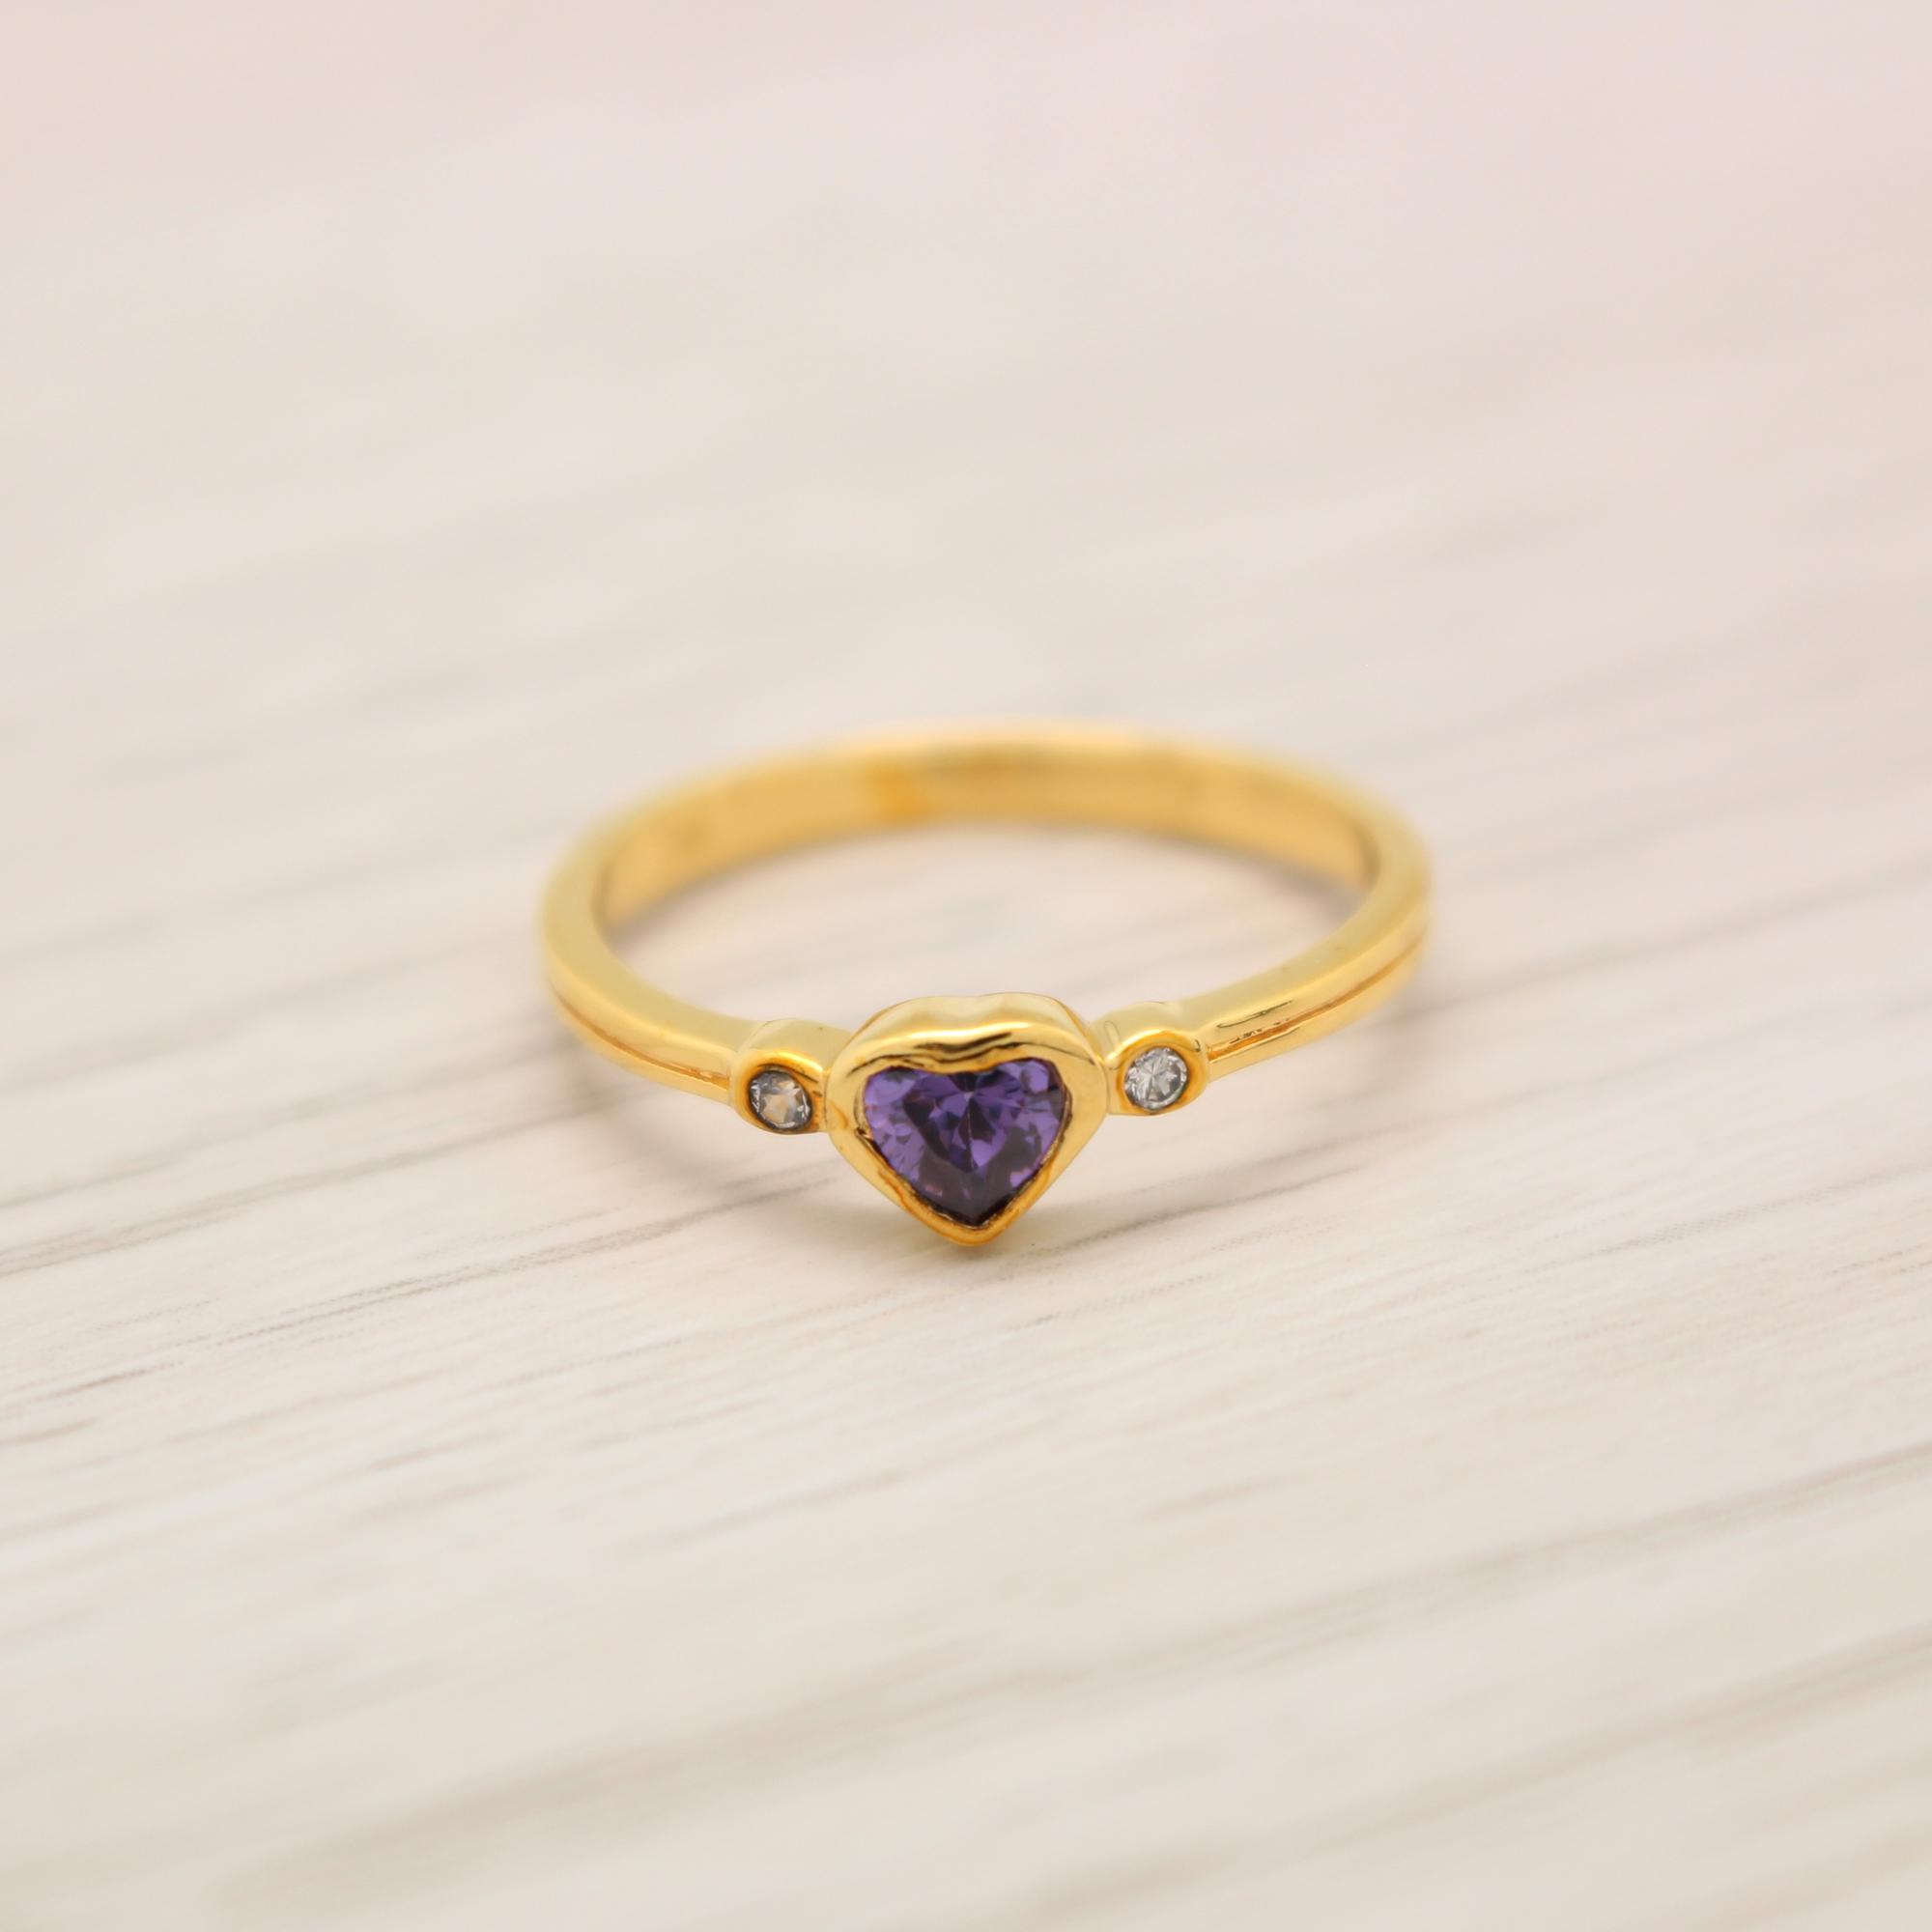 แหวนเพชรCZ สีม่วง หุ้มทองคำแท้ ไซส์ 54